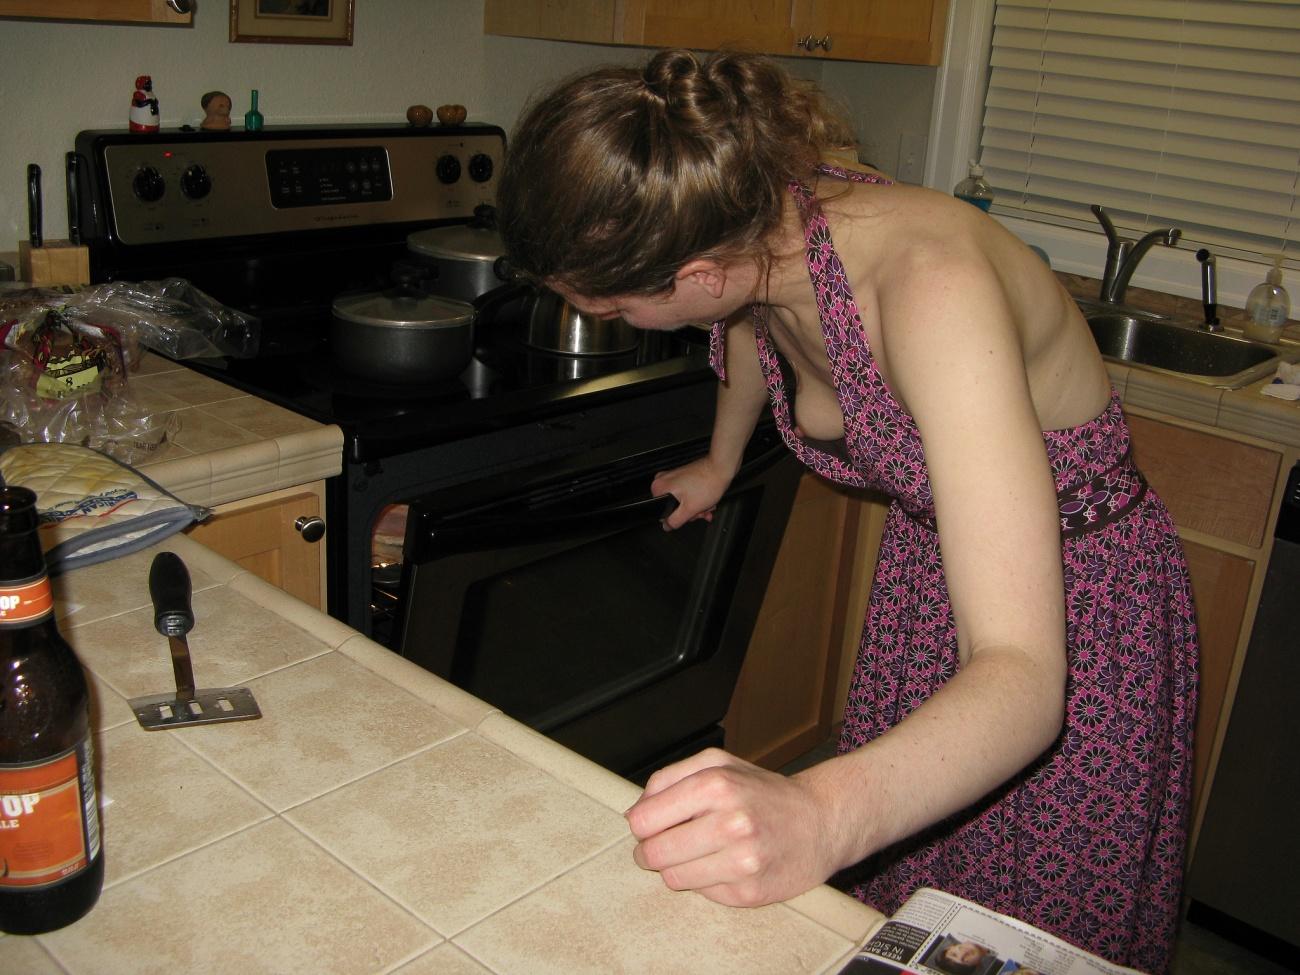 Девушка засветила грудь приготавливая завтрак на кухне